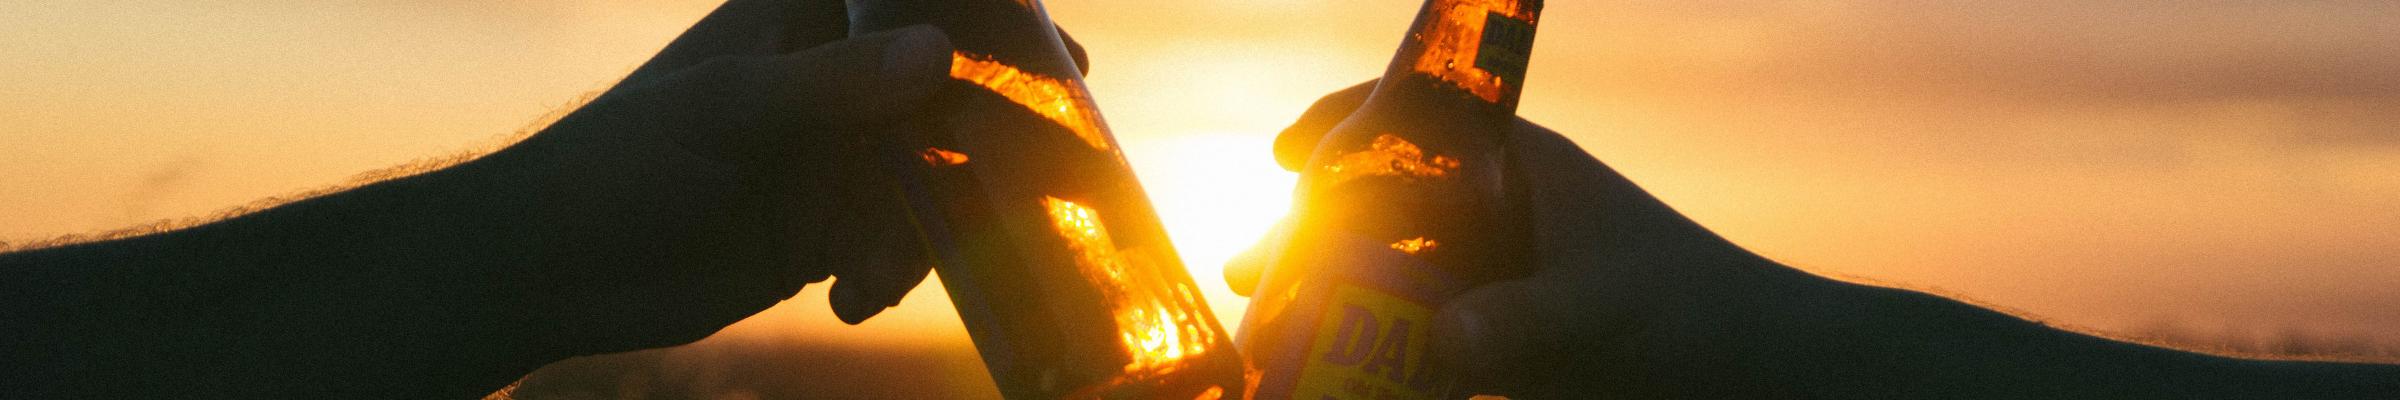 Bière du monde : sélection de bière artisanale - Conroy